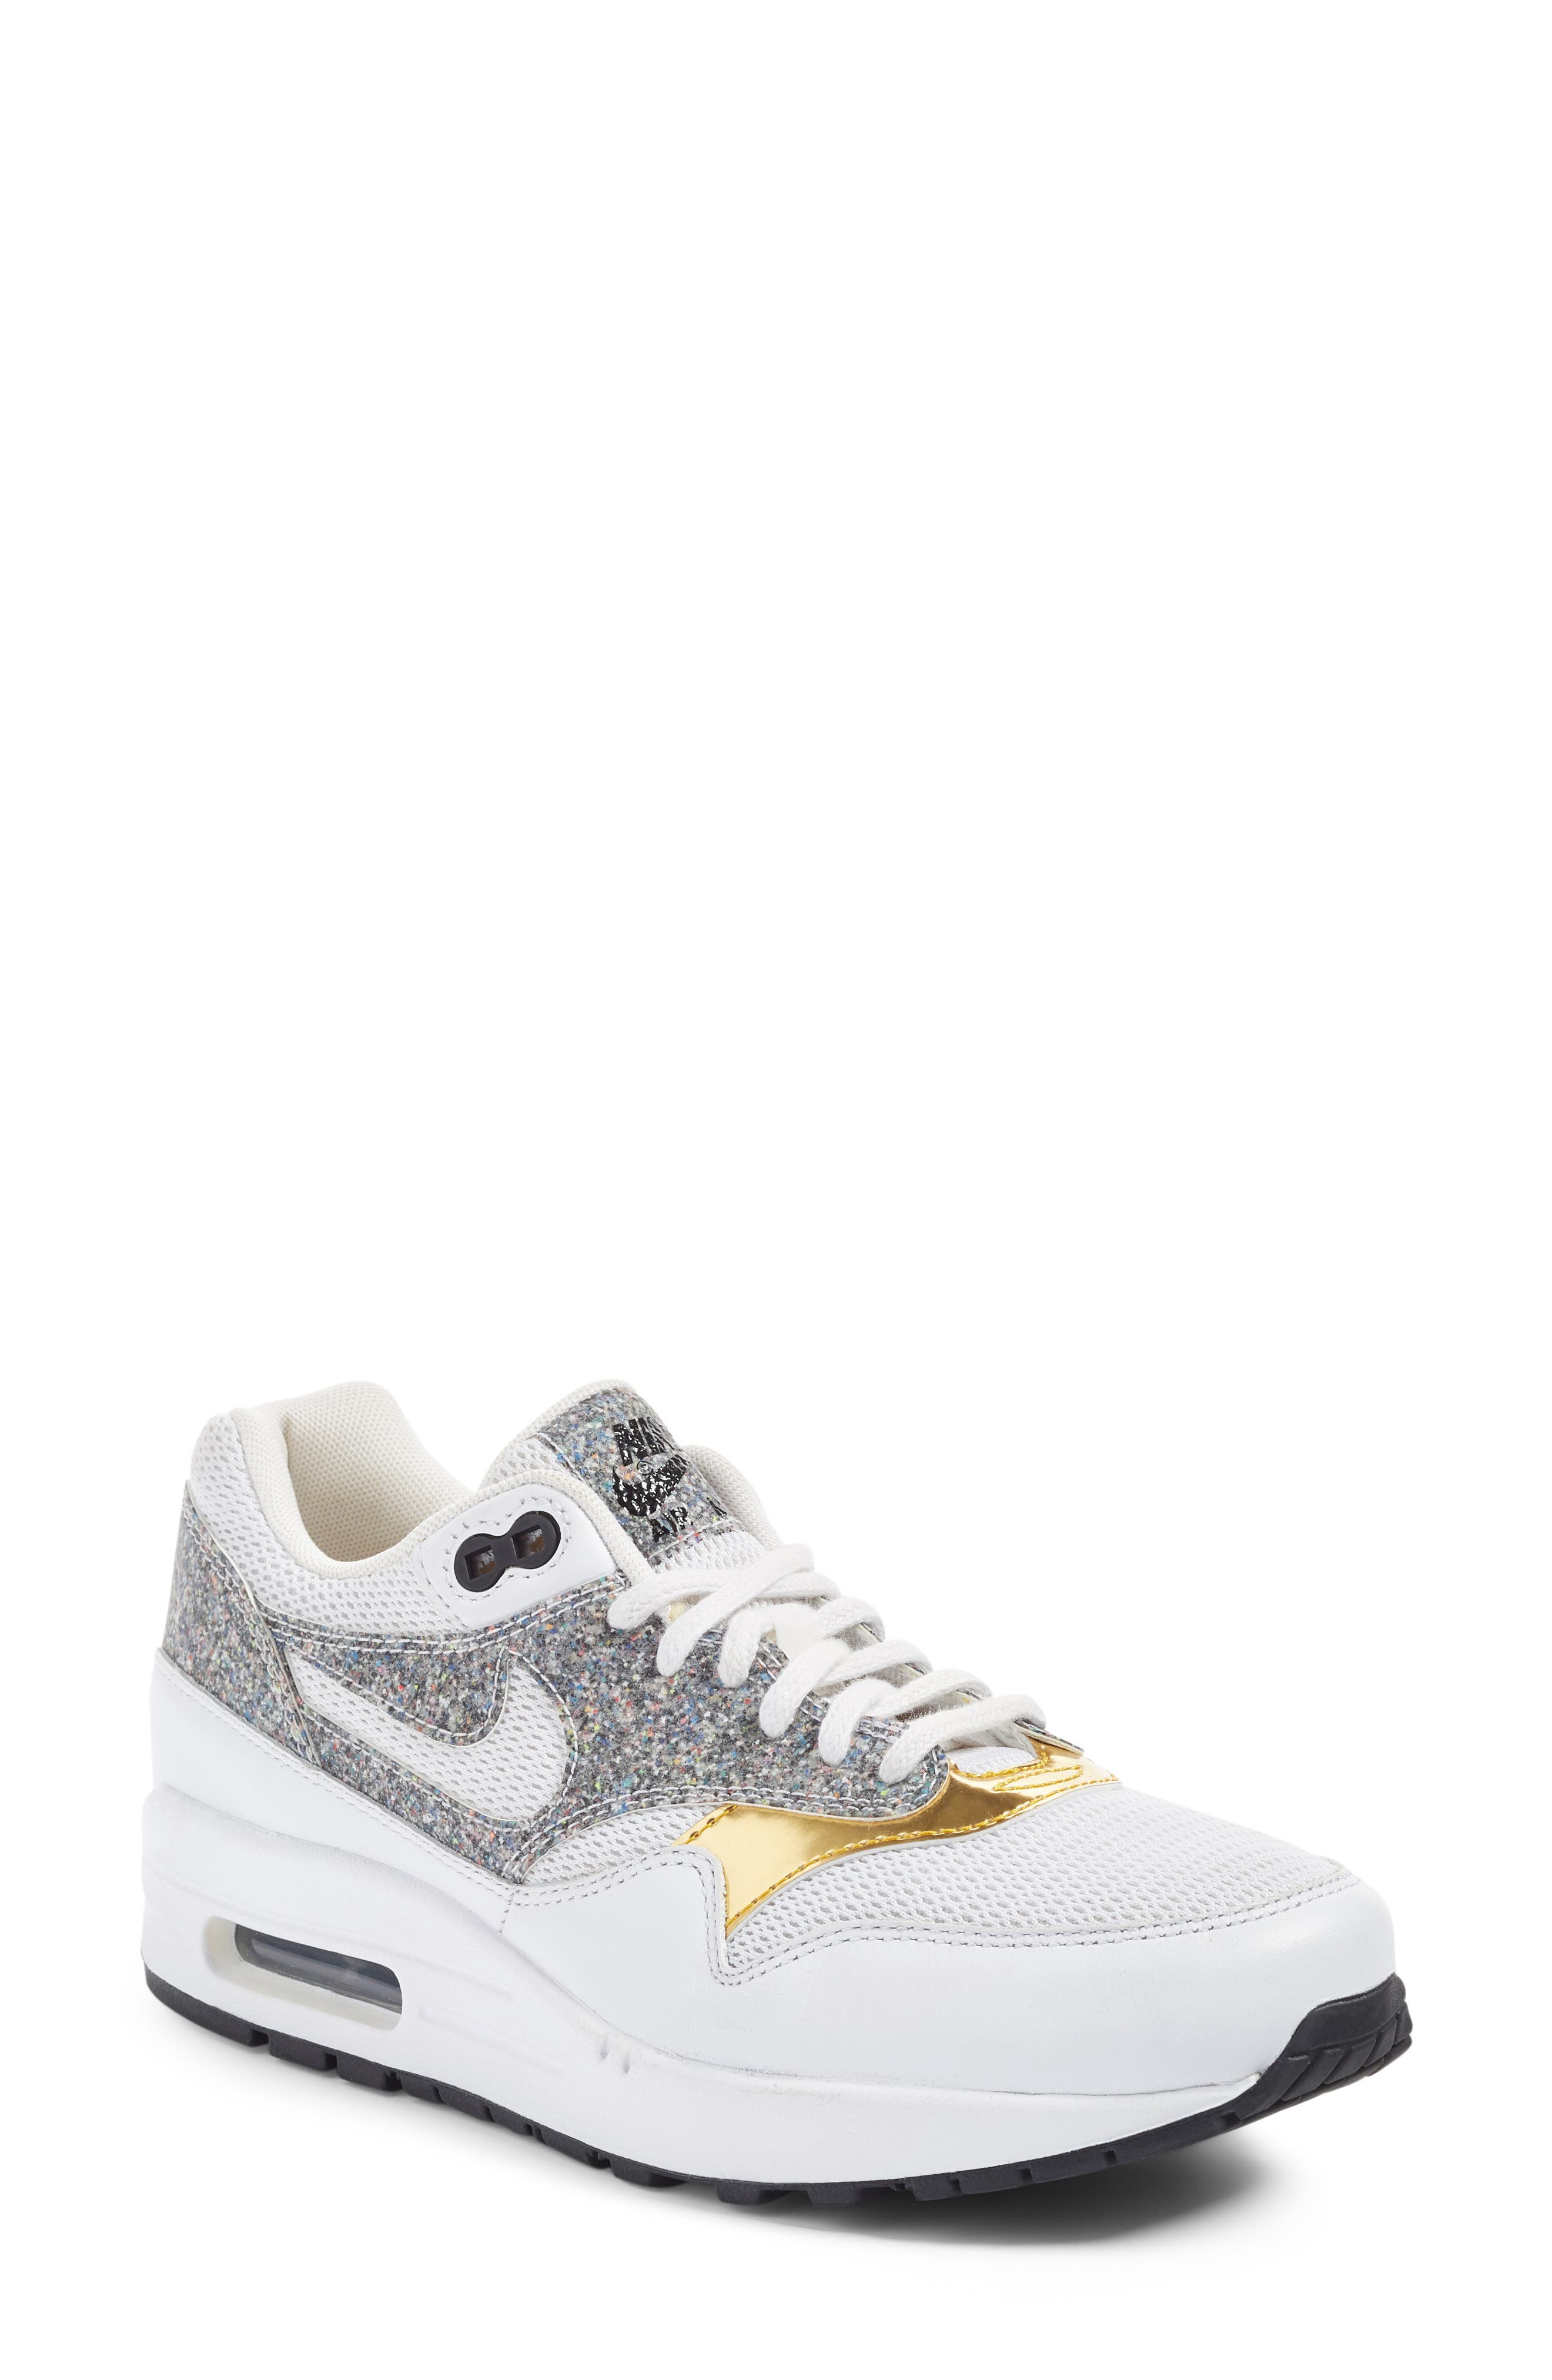 Main Image - Nike Air Max 1 SE Sneaker (Women)